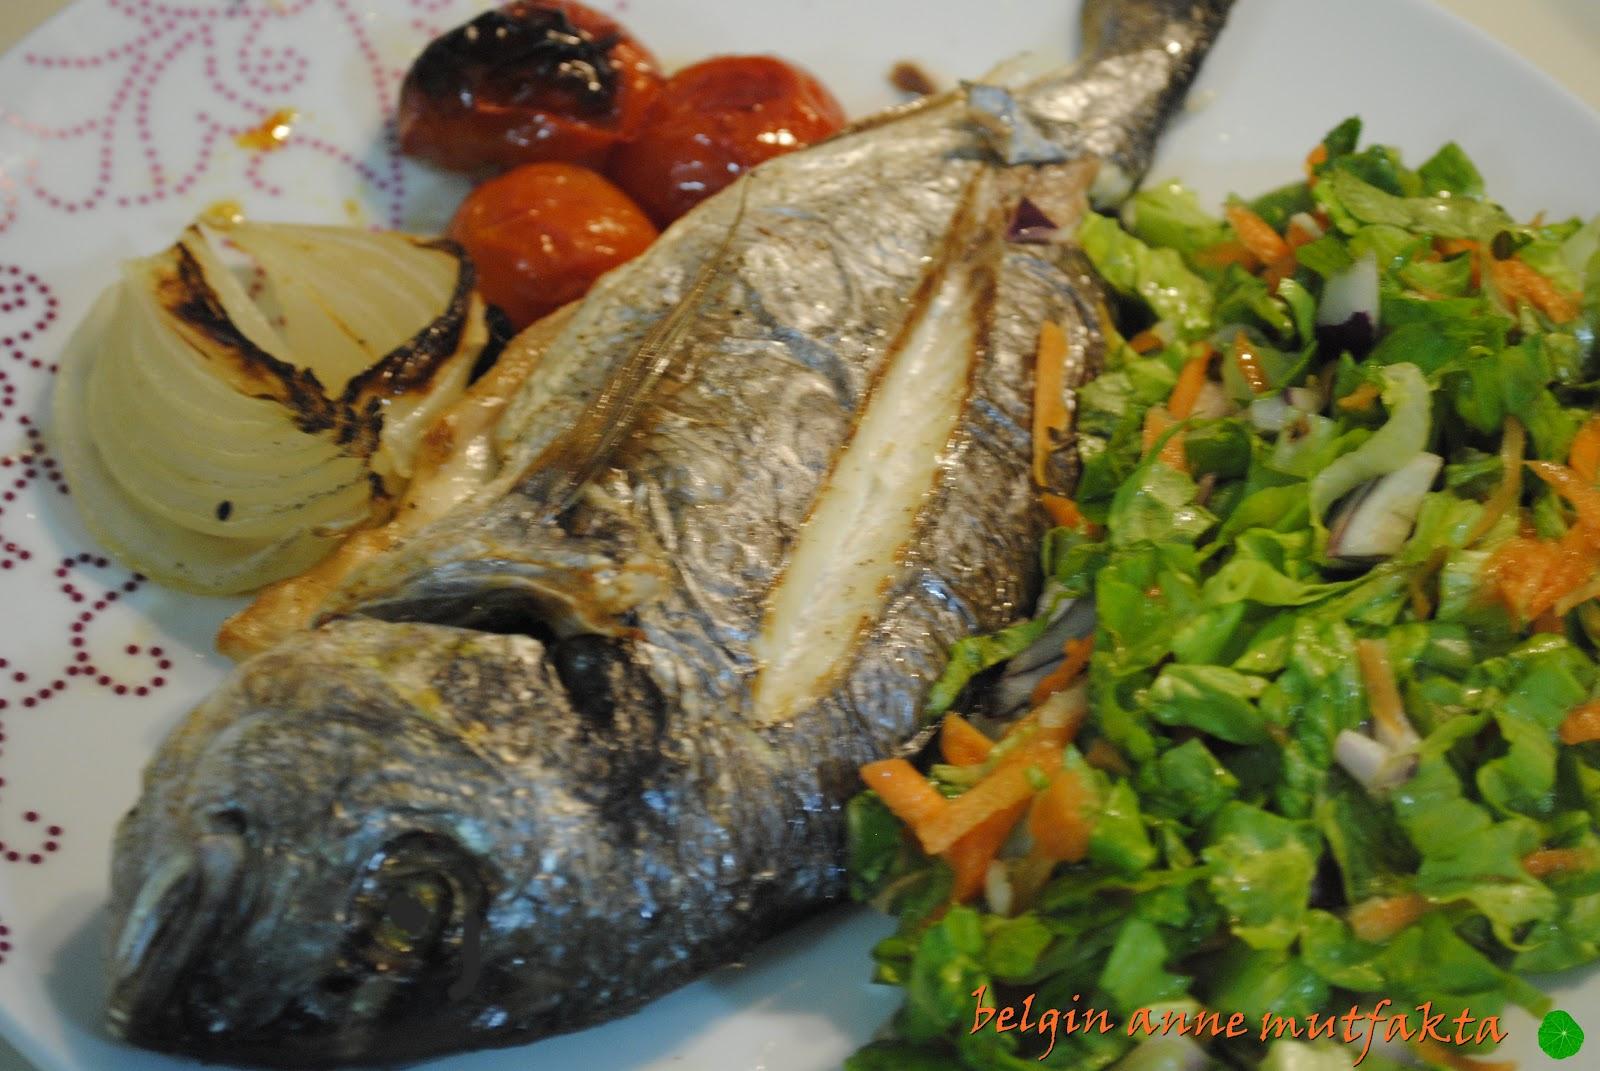 Fırında pişmiş balık için basit ve hızlı bir tarifi